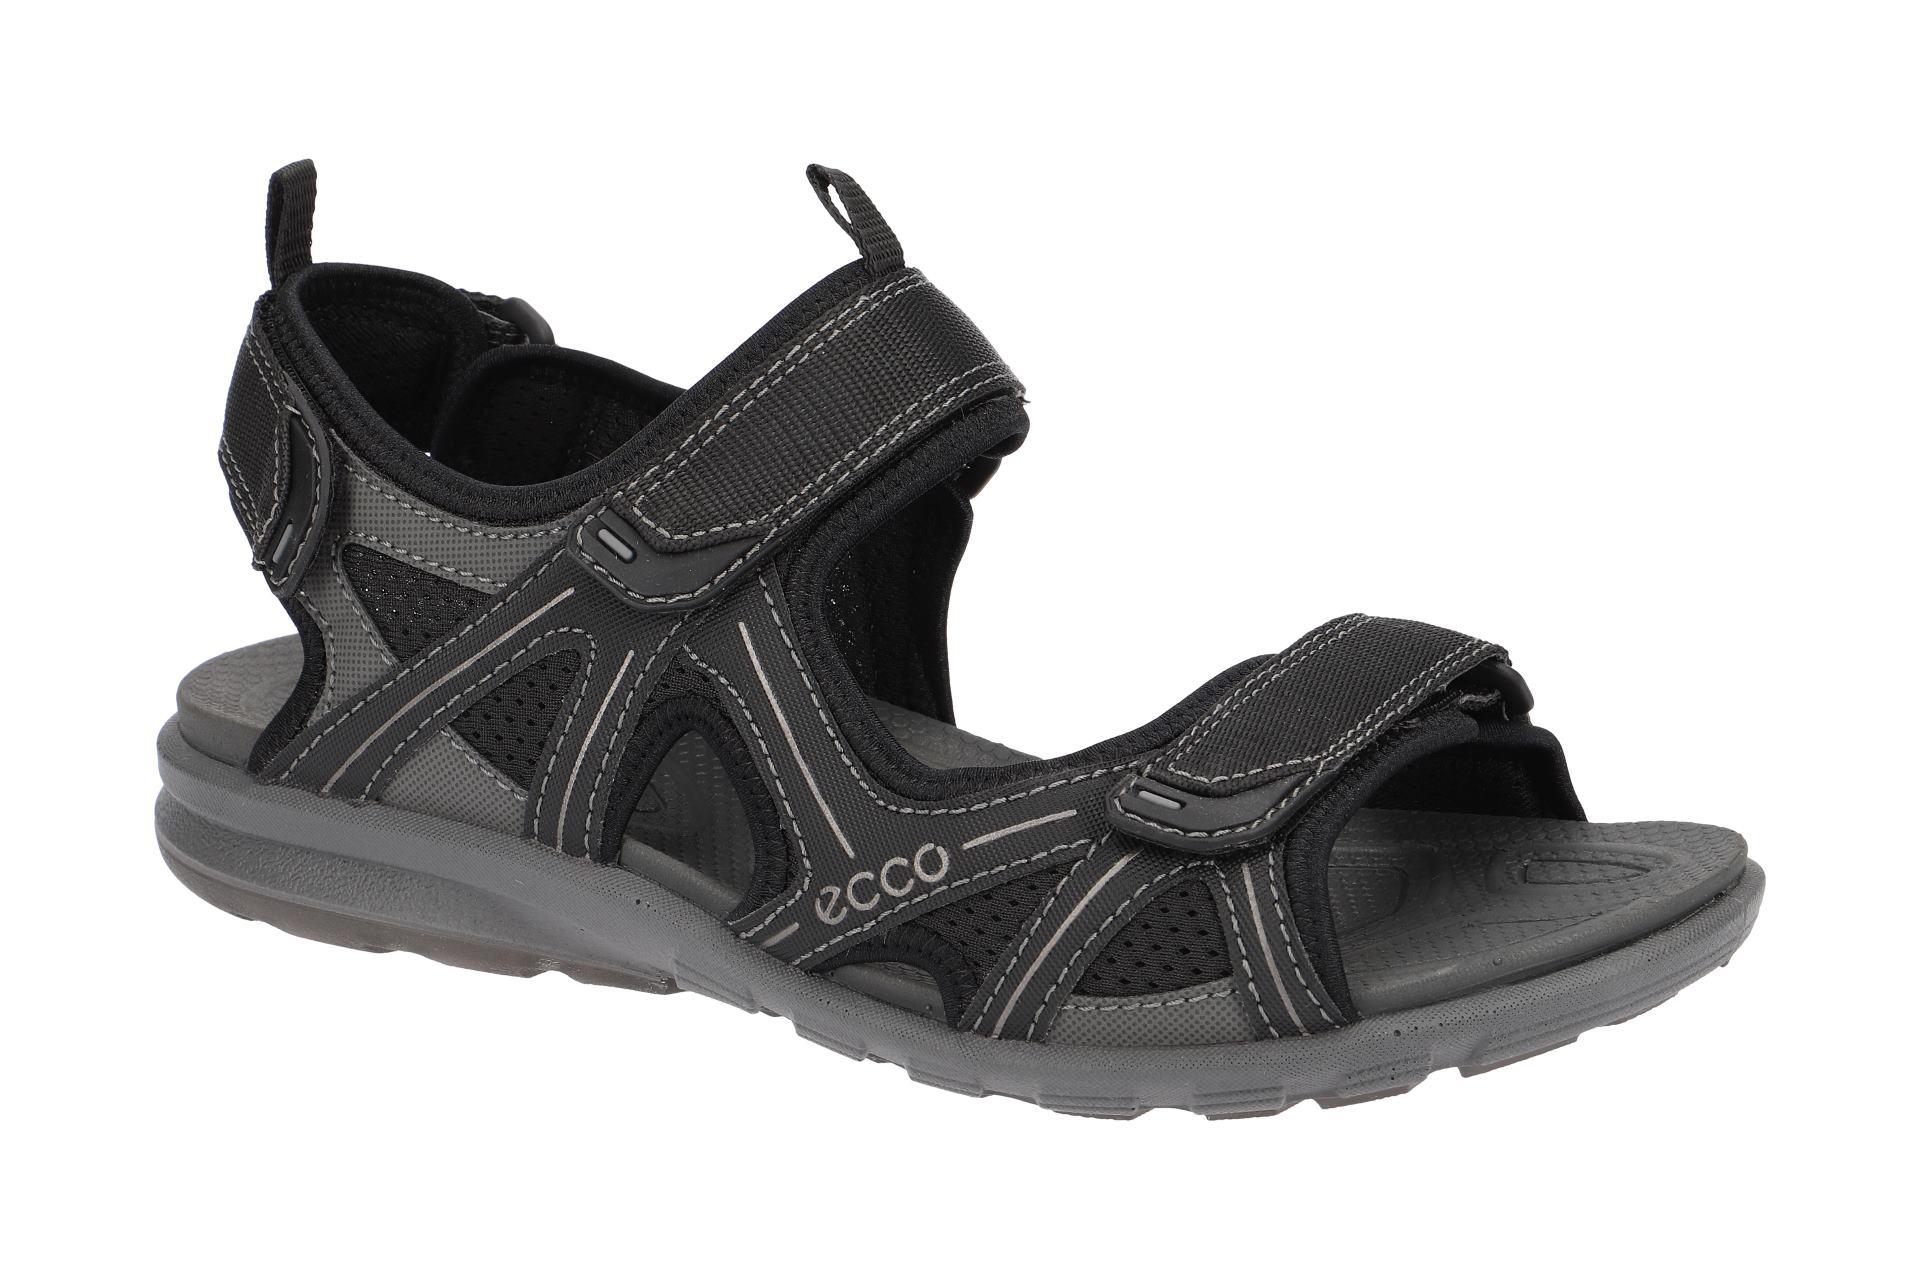 Details zu Ecco Schuhe CRUISE schwarz Herren Sandale Sandaletten 84171456340 NEU